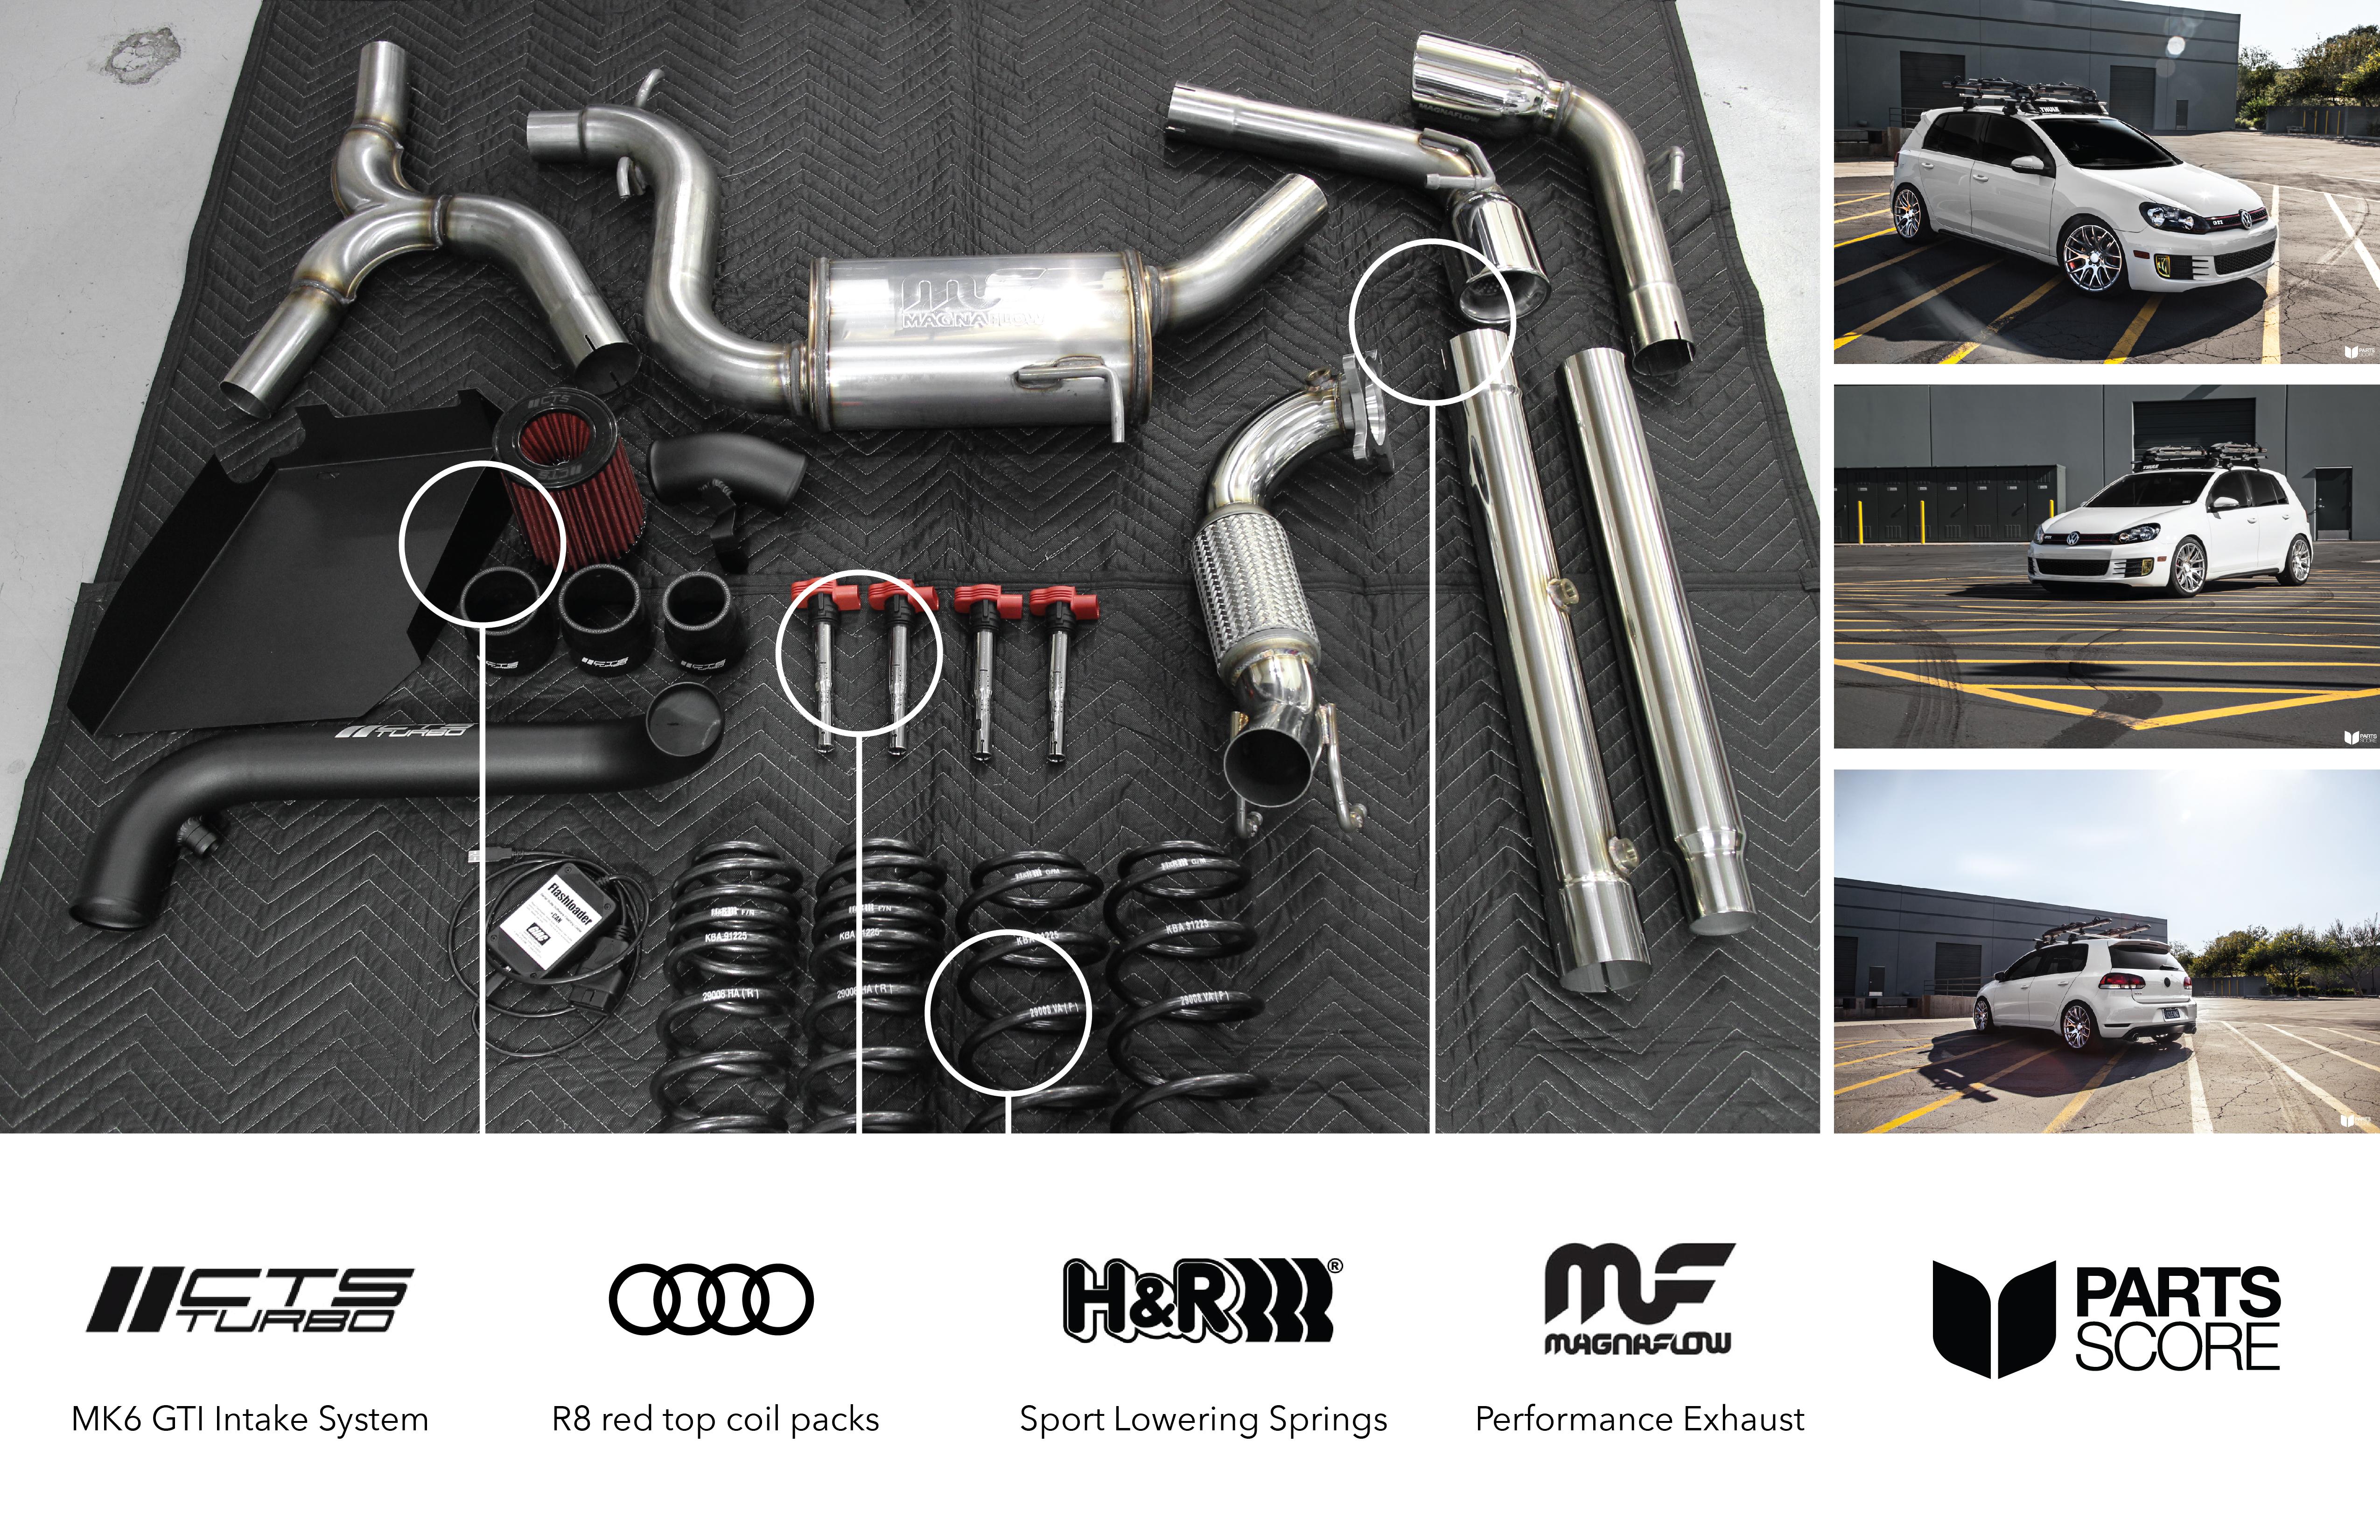 MK6 GTI Power Pack